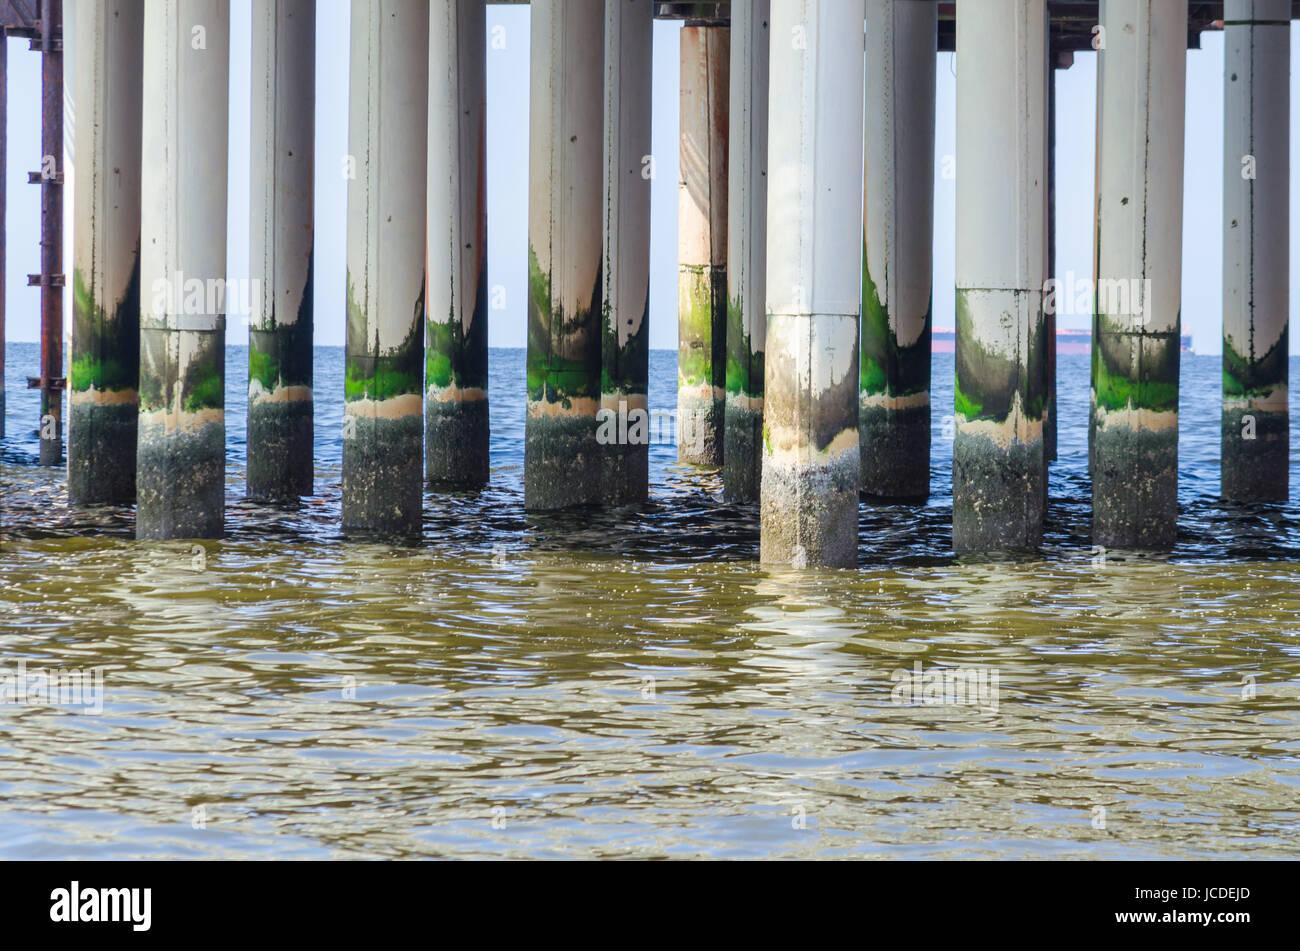 Betonstützen, Pfeiler der Alten Seebrücke in Scheveningen, Nederlande. Stockbild